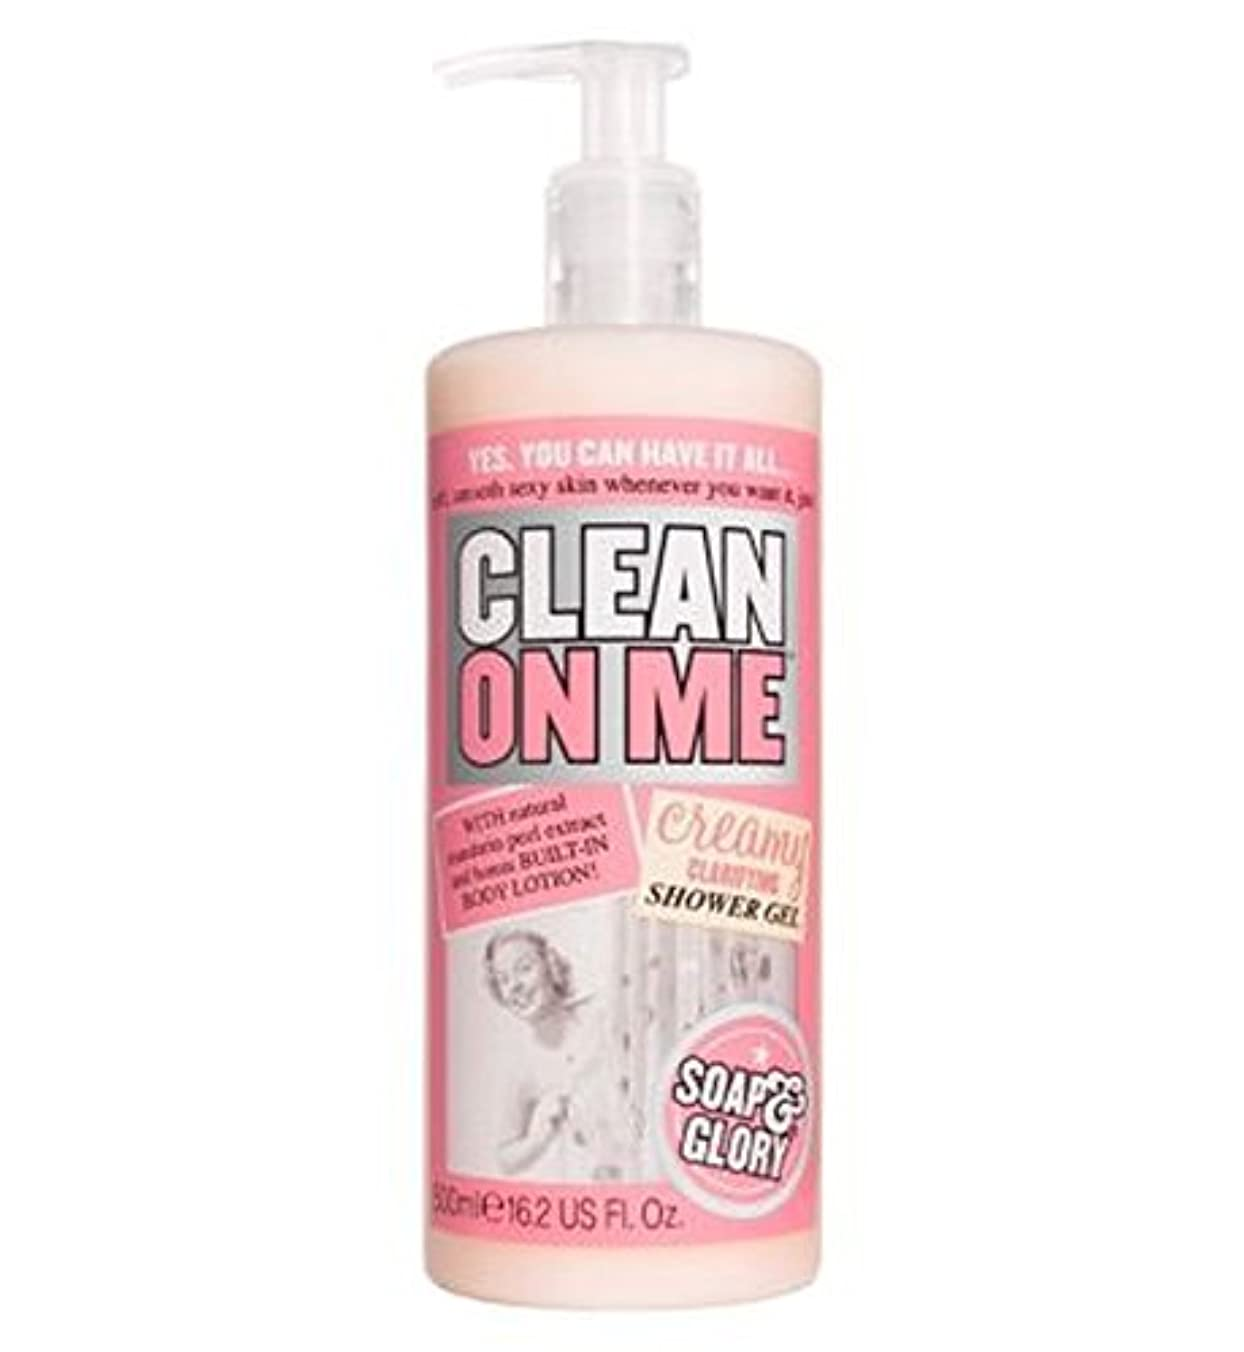 配る撤退ドキドキ私にきれいな石鹸&栄光はシャワージェル500ミリリットルを明確にクリーミー (Soap & Glory) (x2) - Soap & Glory Clean On Me Creamy Clarifying Shower...